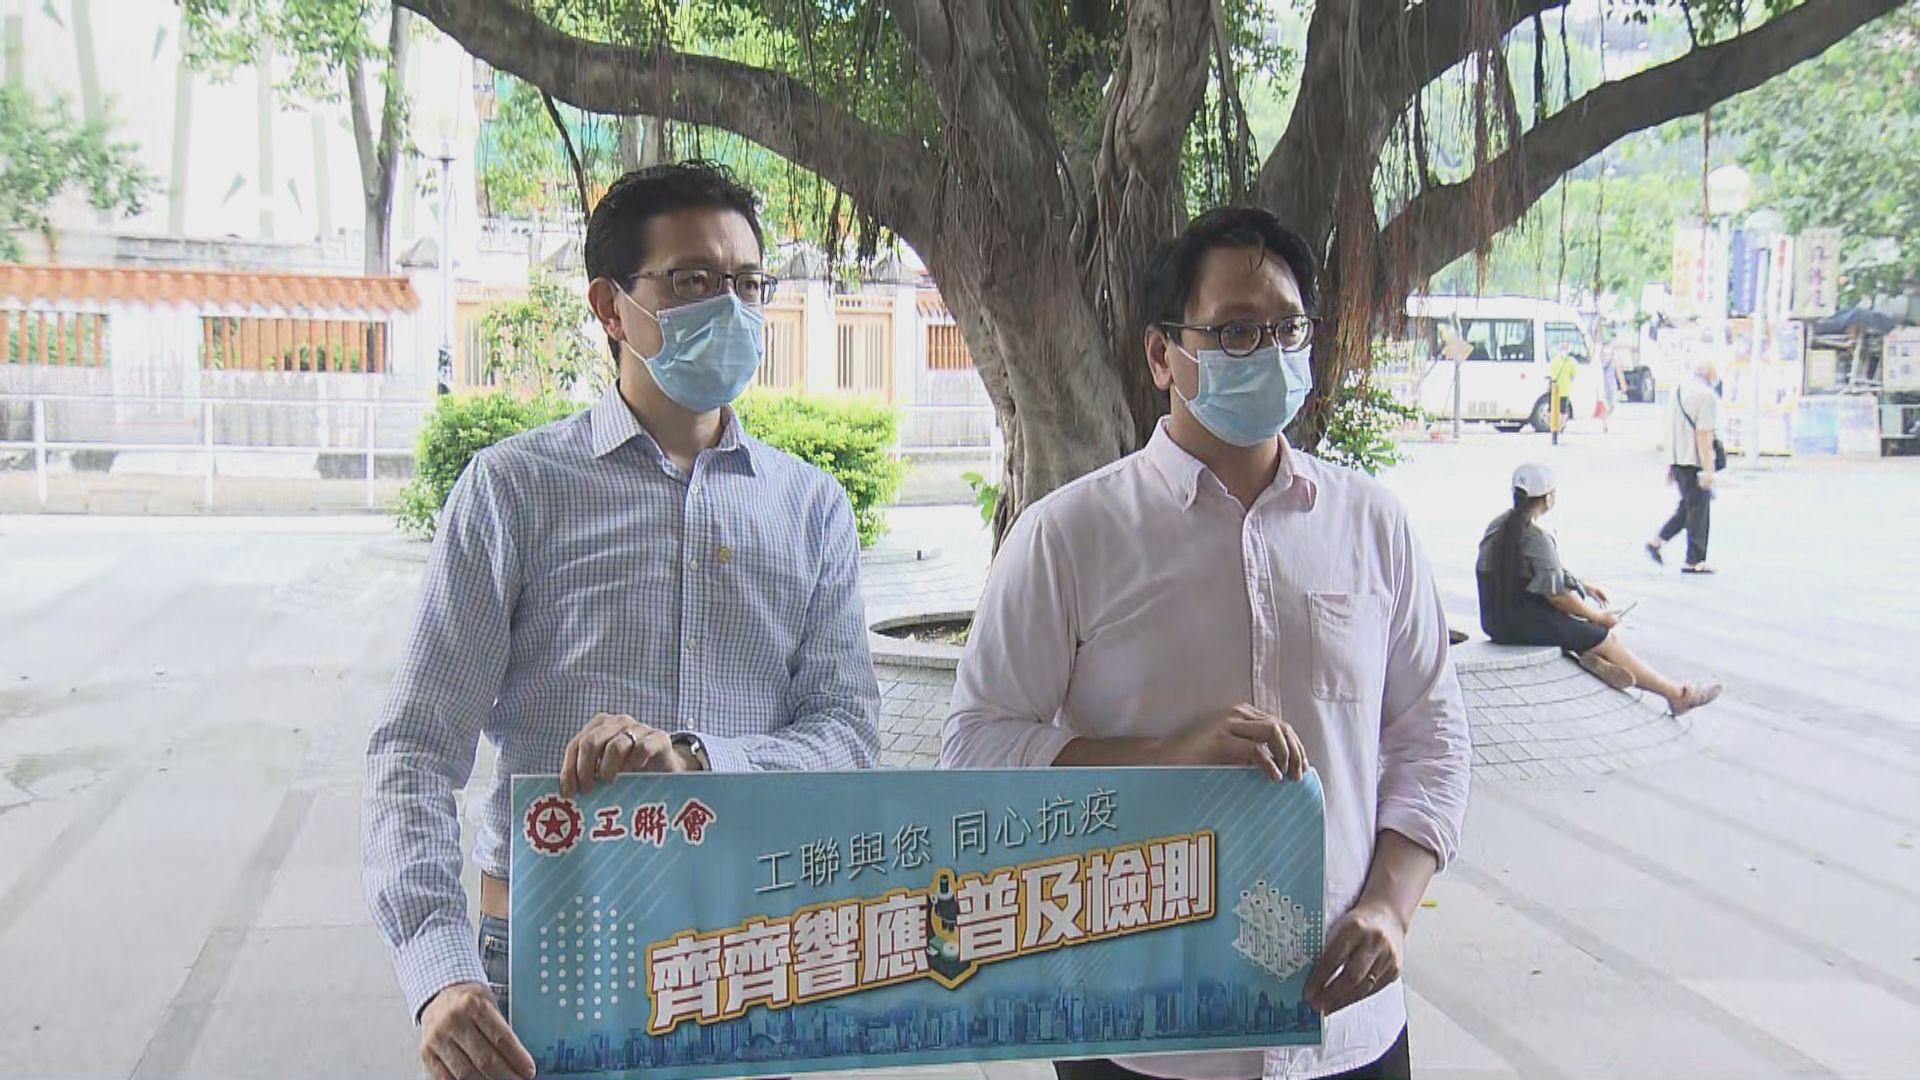 工聯會促延長普及社區檢測 醫管局員工陣線籲杯葛